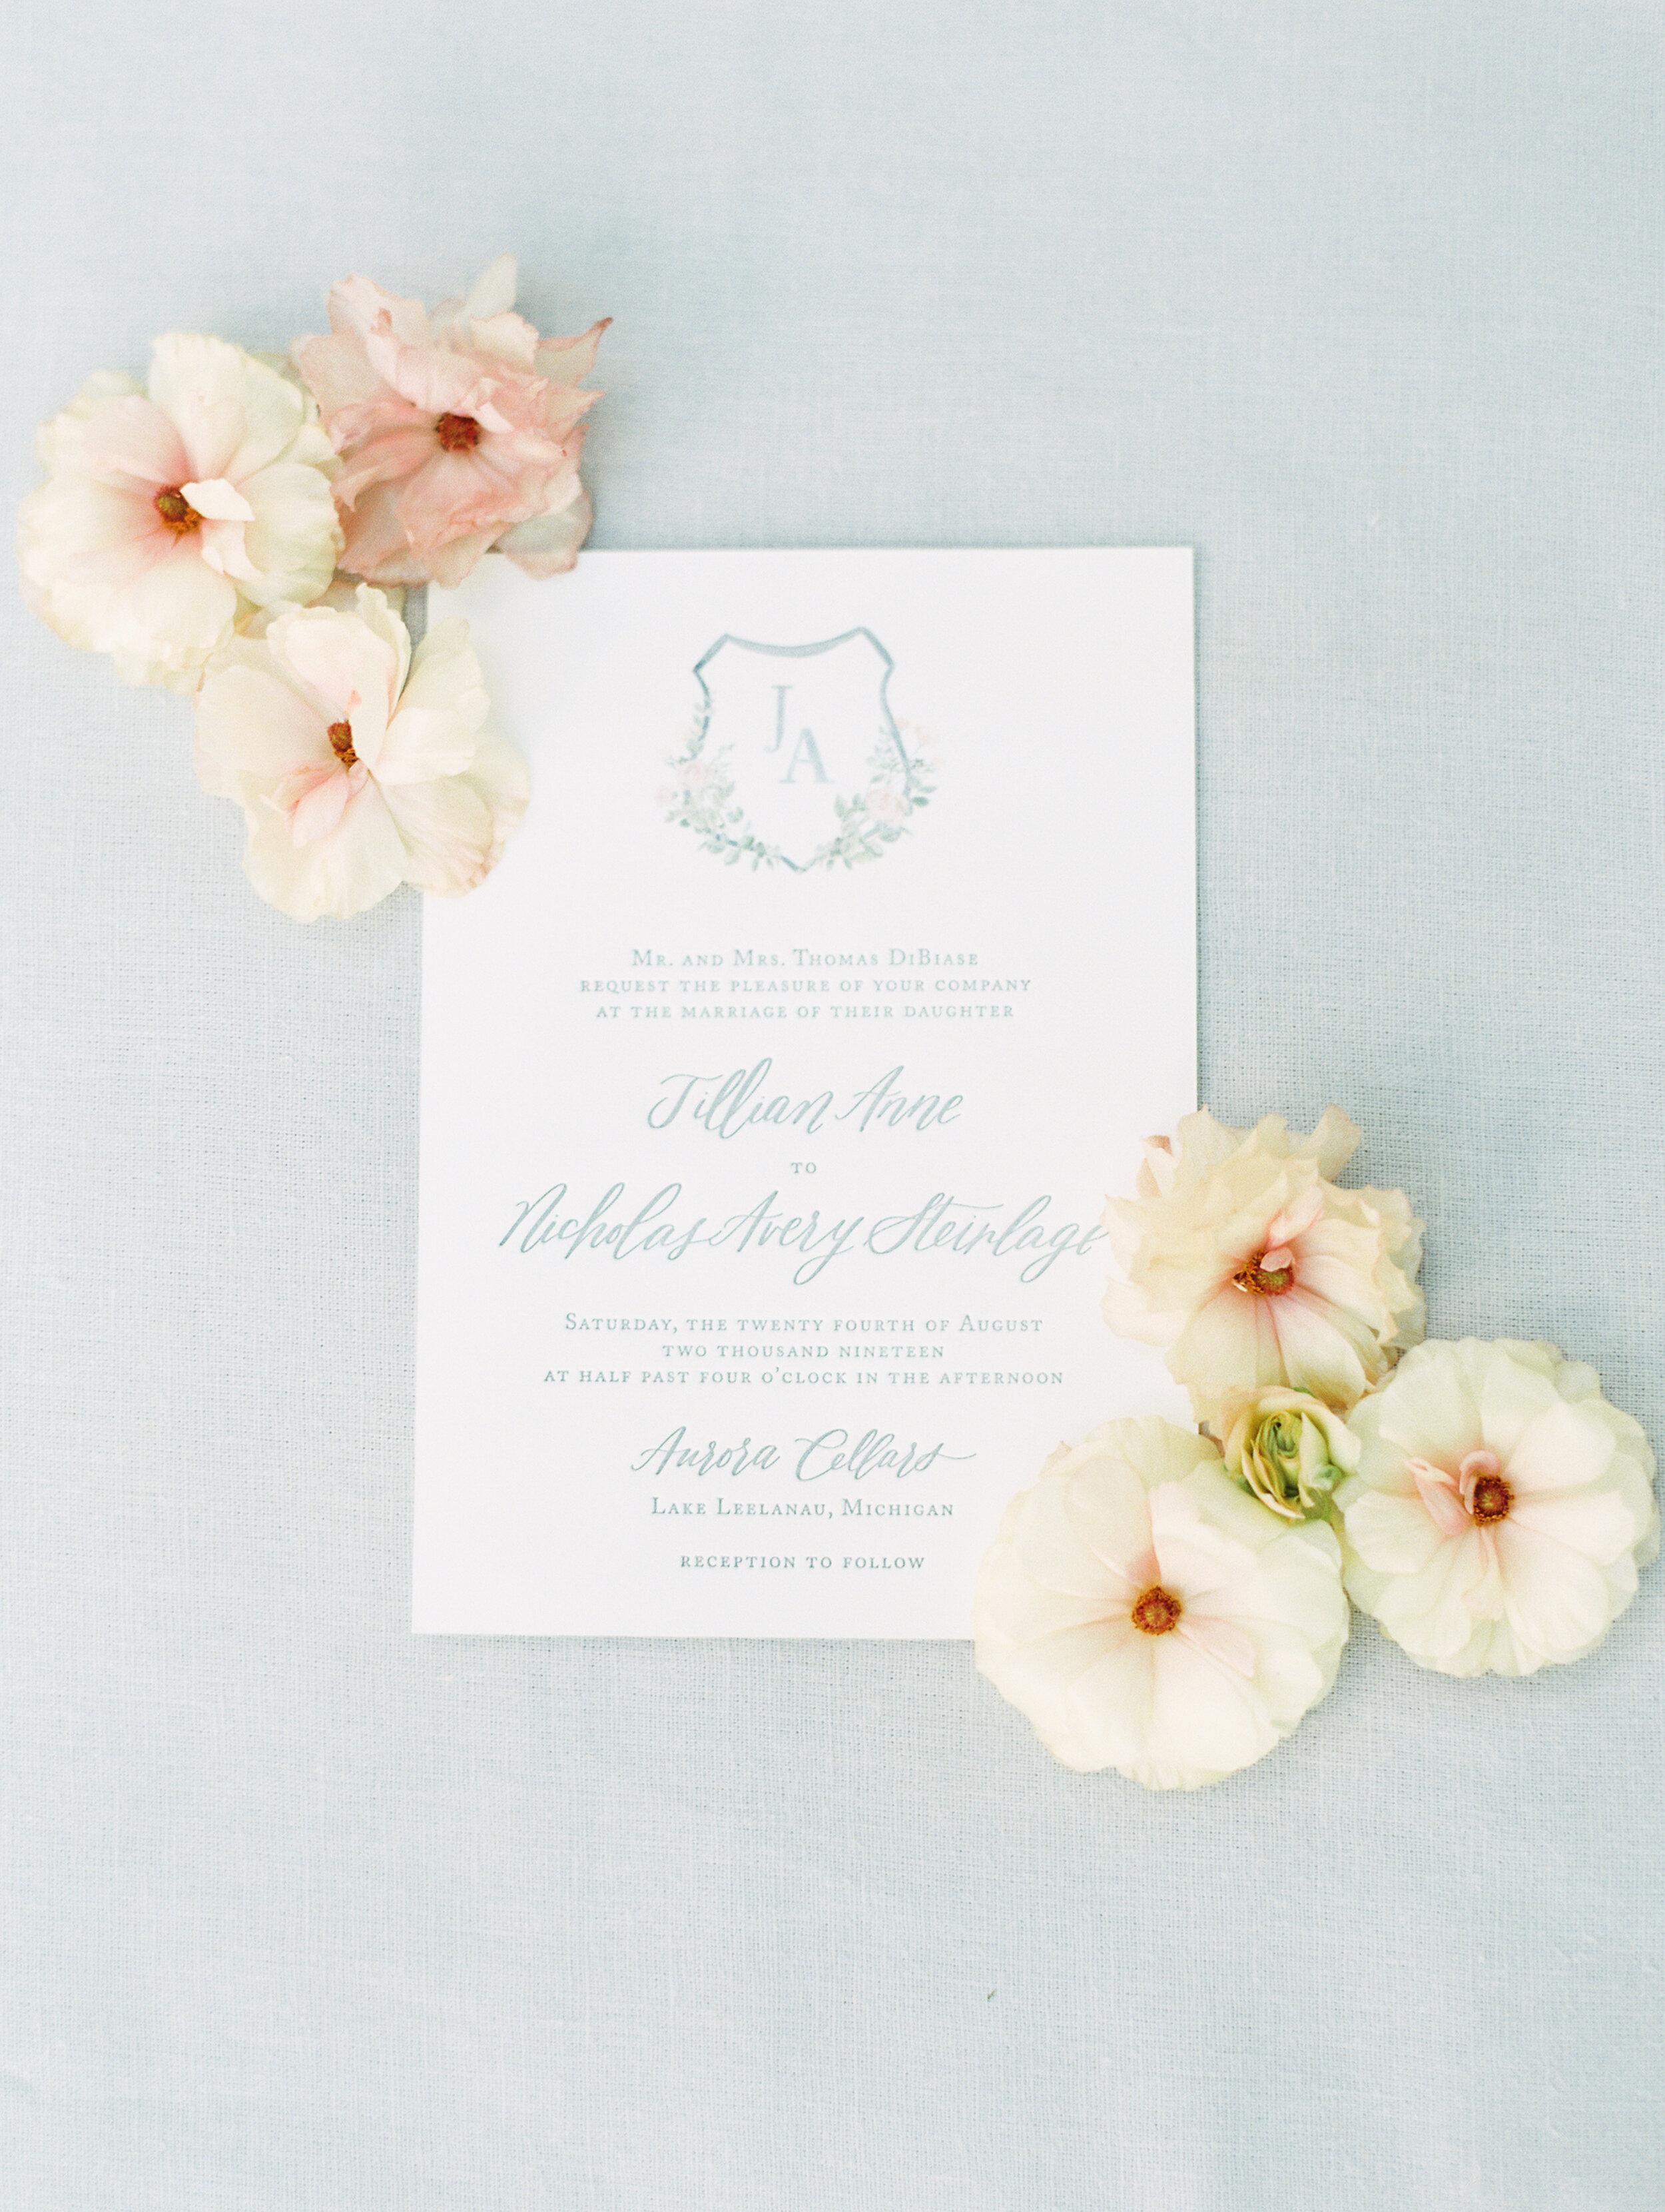 Steinlage+Wedding+Details-2.jpg